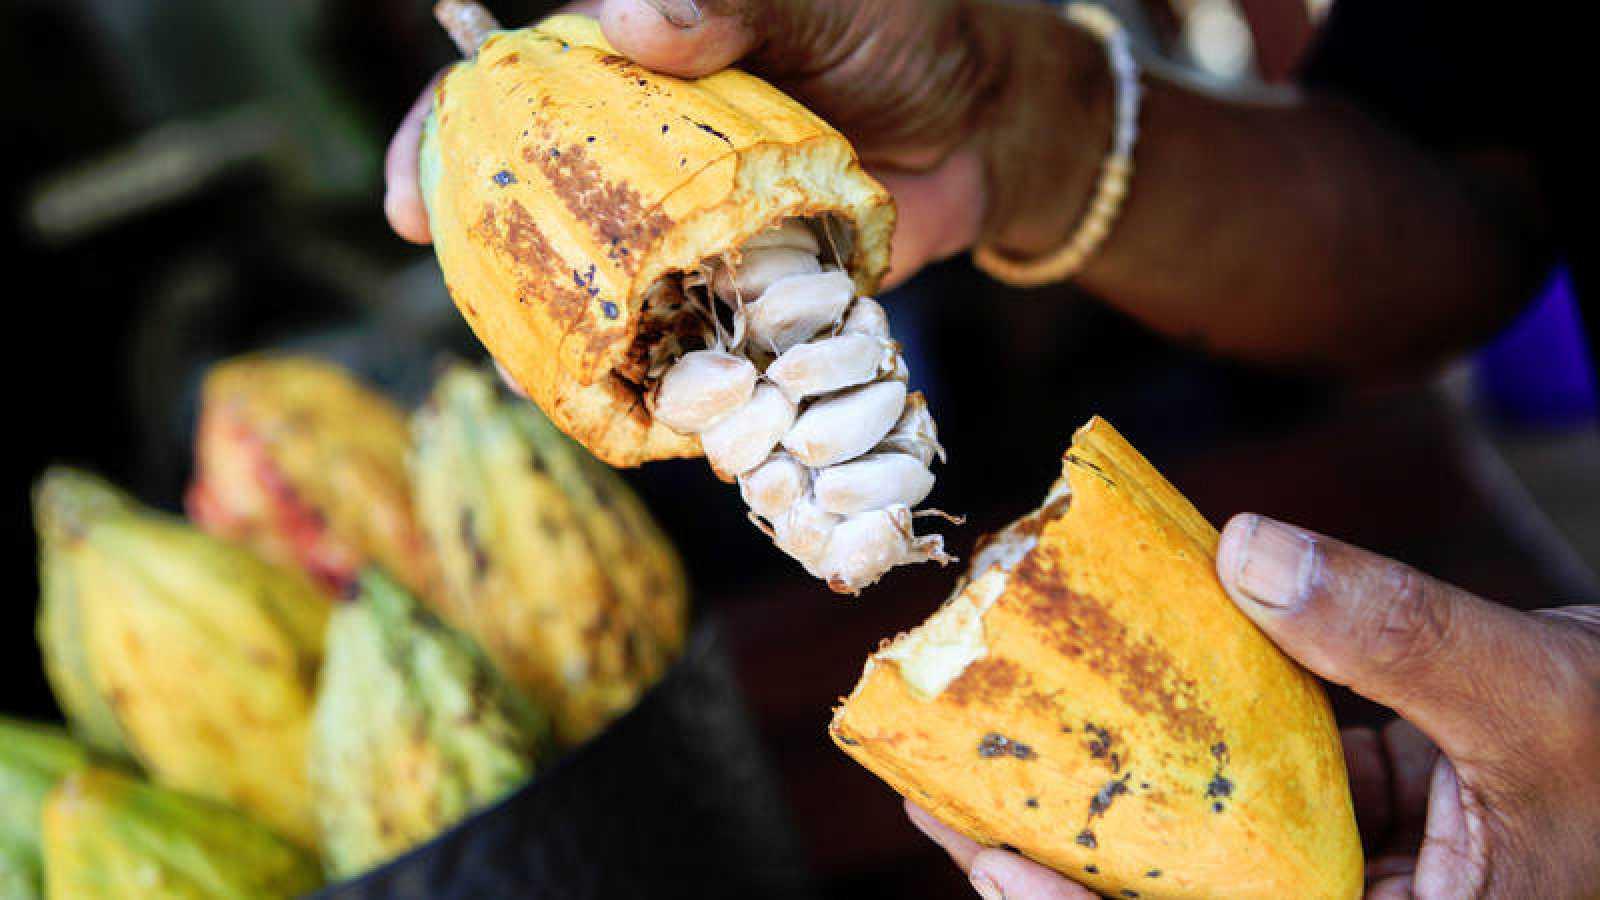 El cacao natural es uno de los alimentos con mayor contenido en polifenoles, con propiedades antioxidantes.